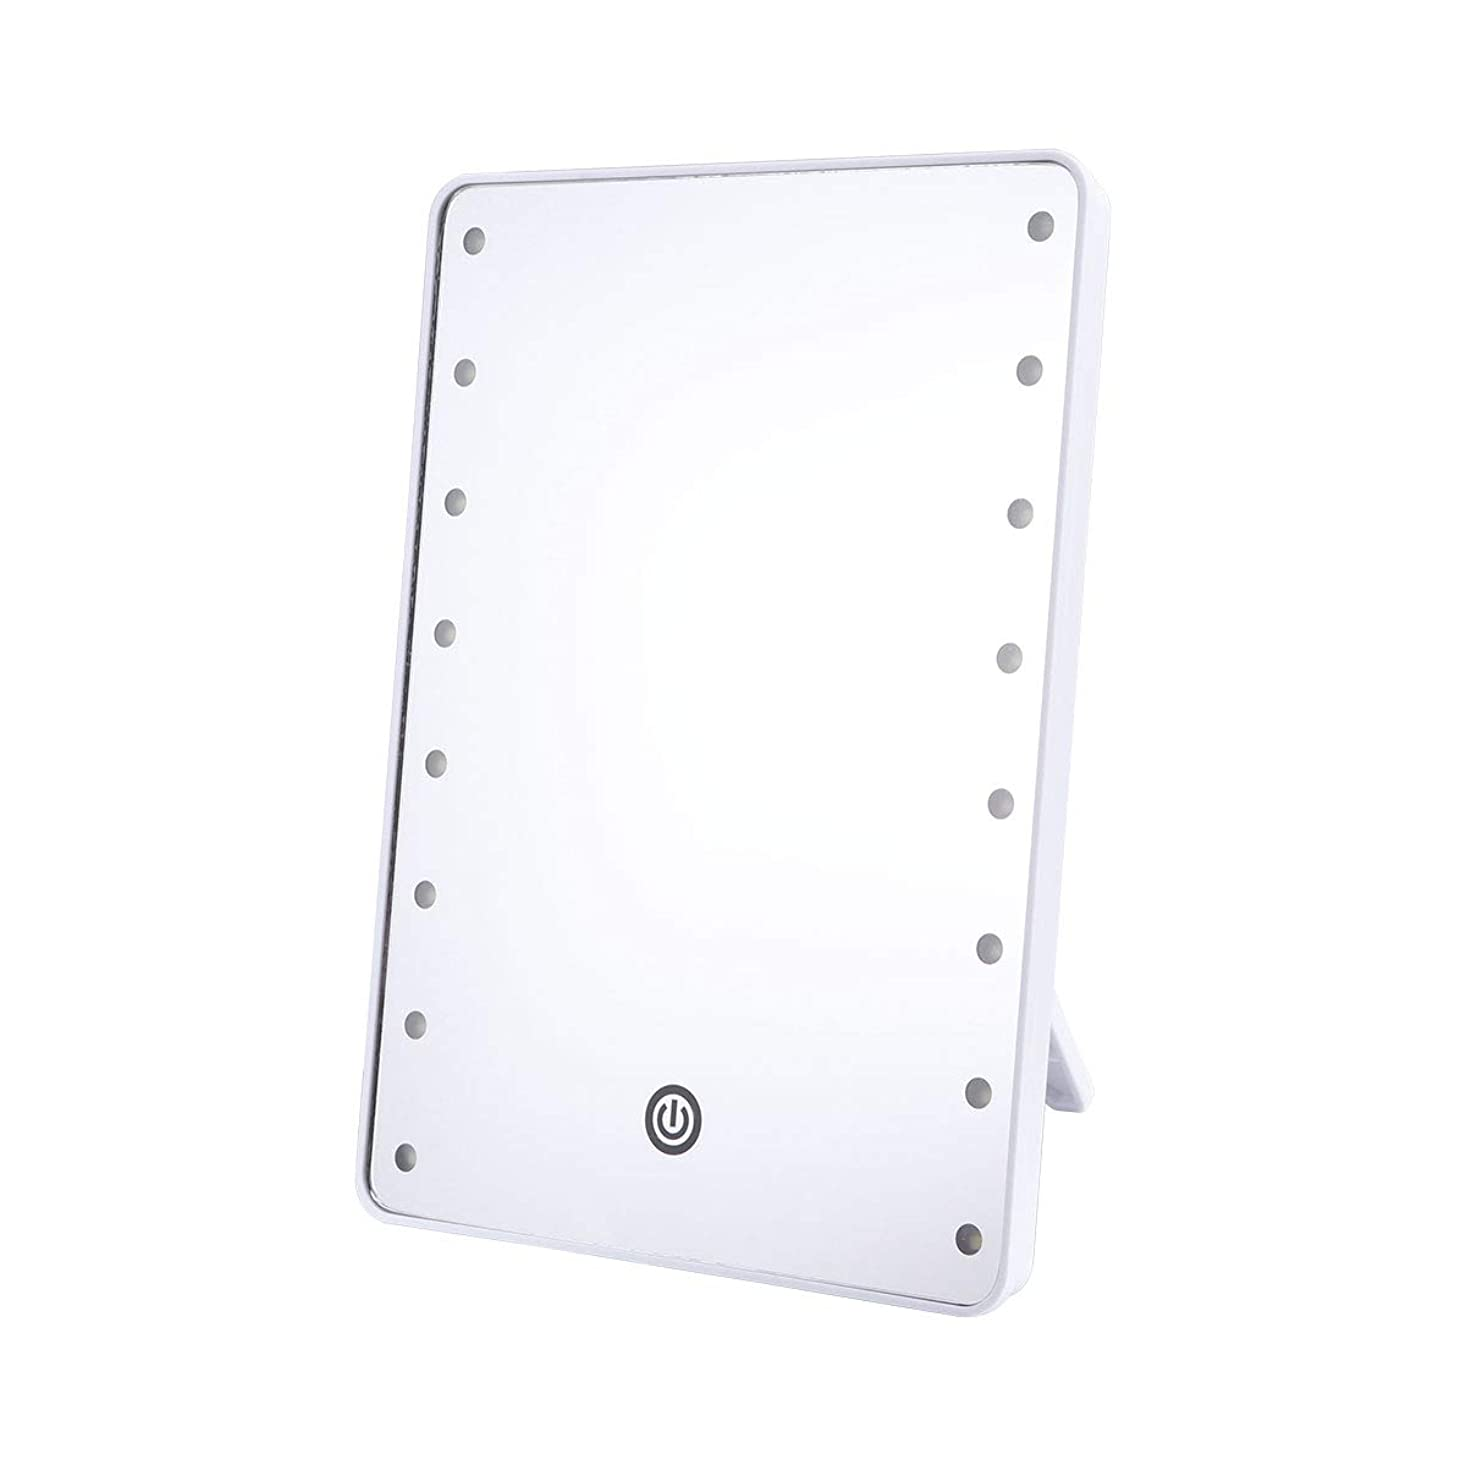 クライストチャーチ革新寛容なFrcolor 化粧鏡 卓上ミラー LEDライトミラー 16灯 スタンドミラー 角度調整可能 女優ミラー 電池給電 メイクアップミラー プレゼント(ホワイト)